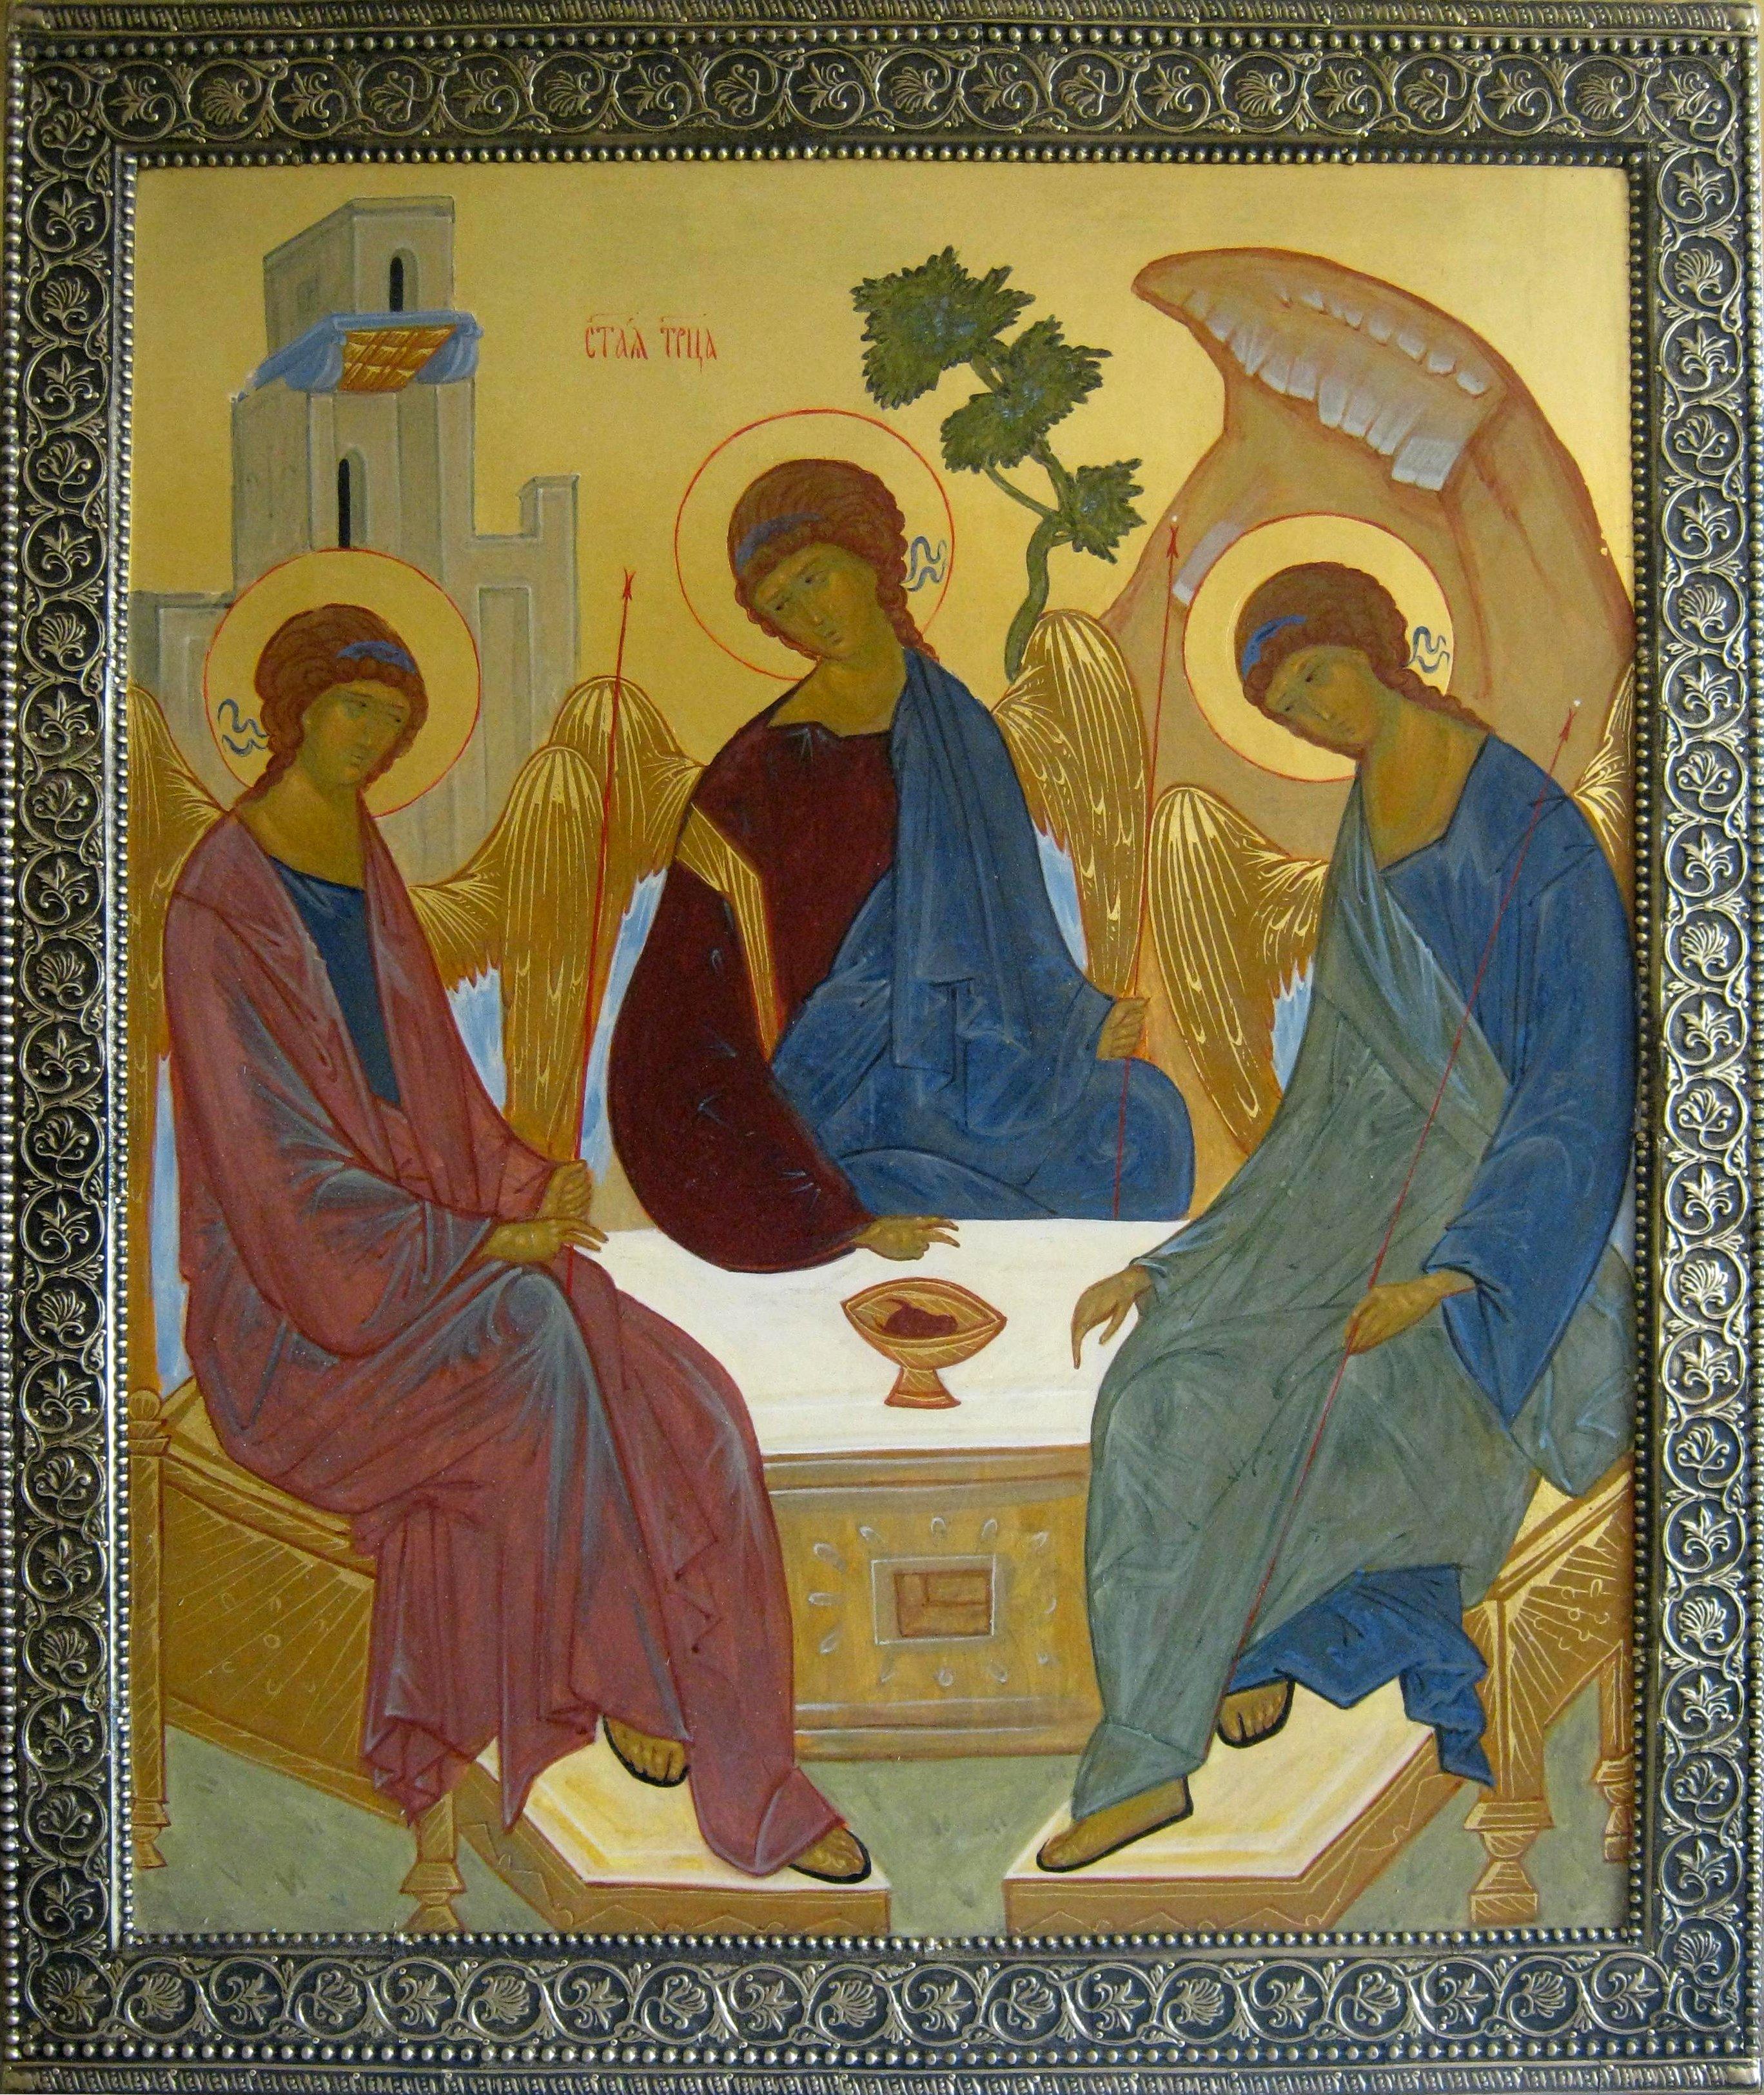 Купить икону Святой Троицы.: sobor-shop.ru/shop/UID_270.html